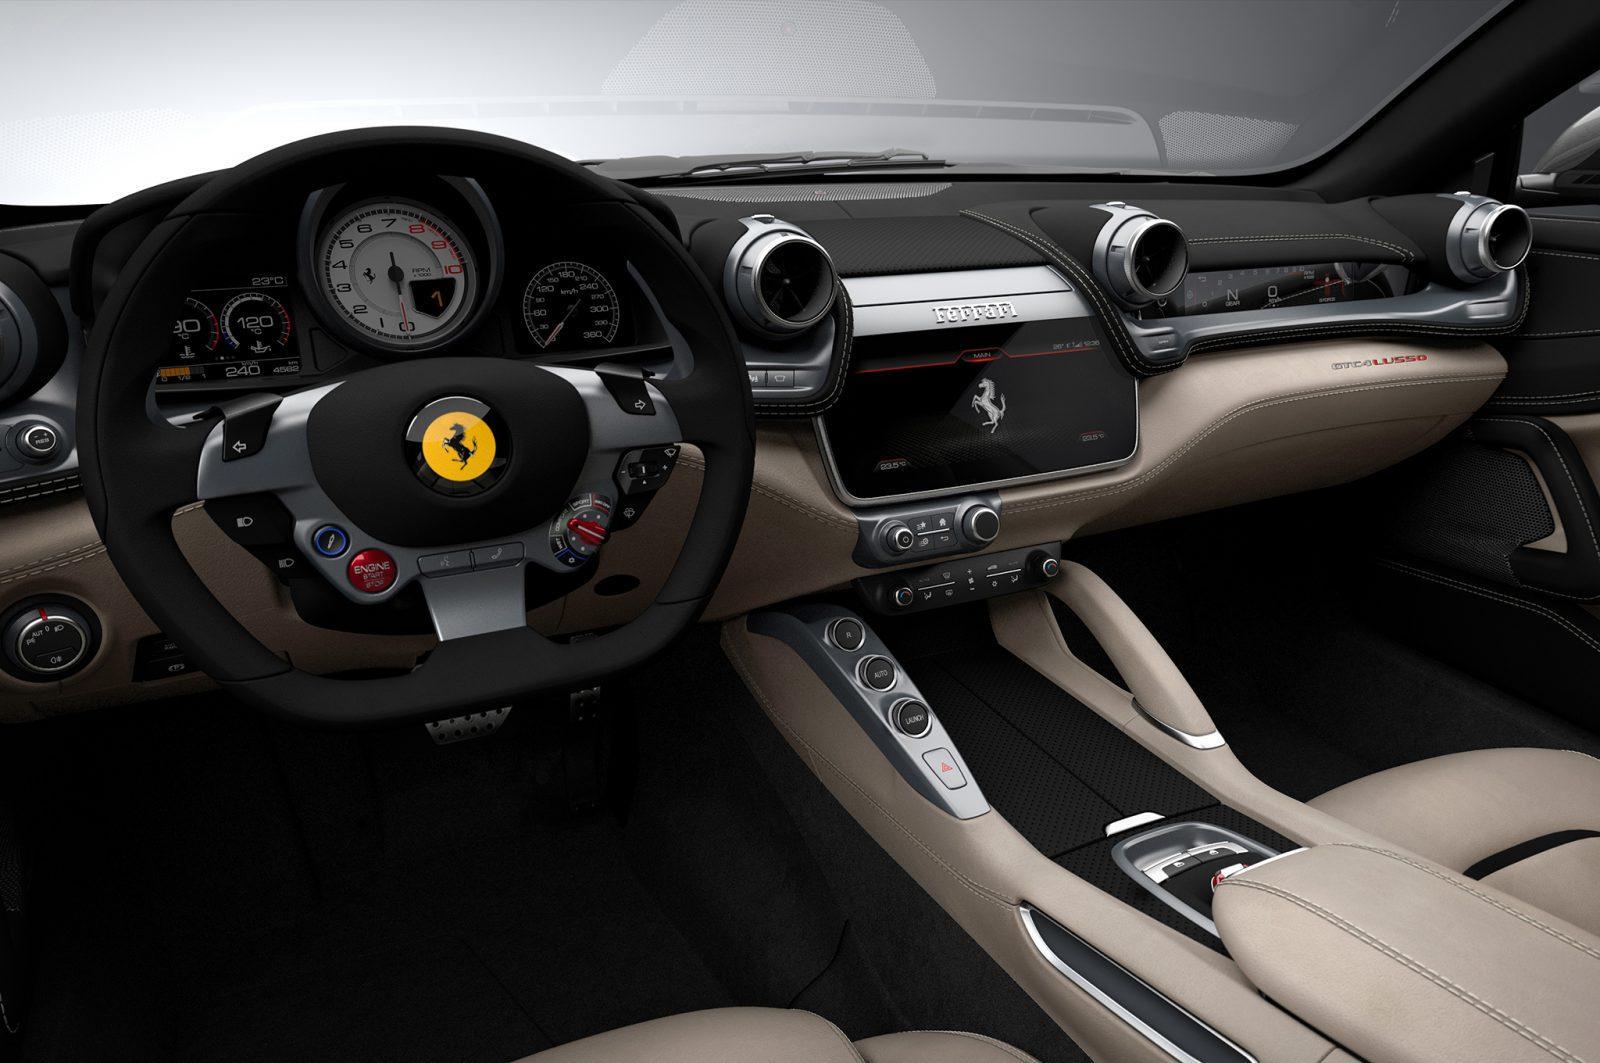 2017 Ferrari-GTC4Lusso interior